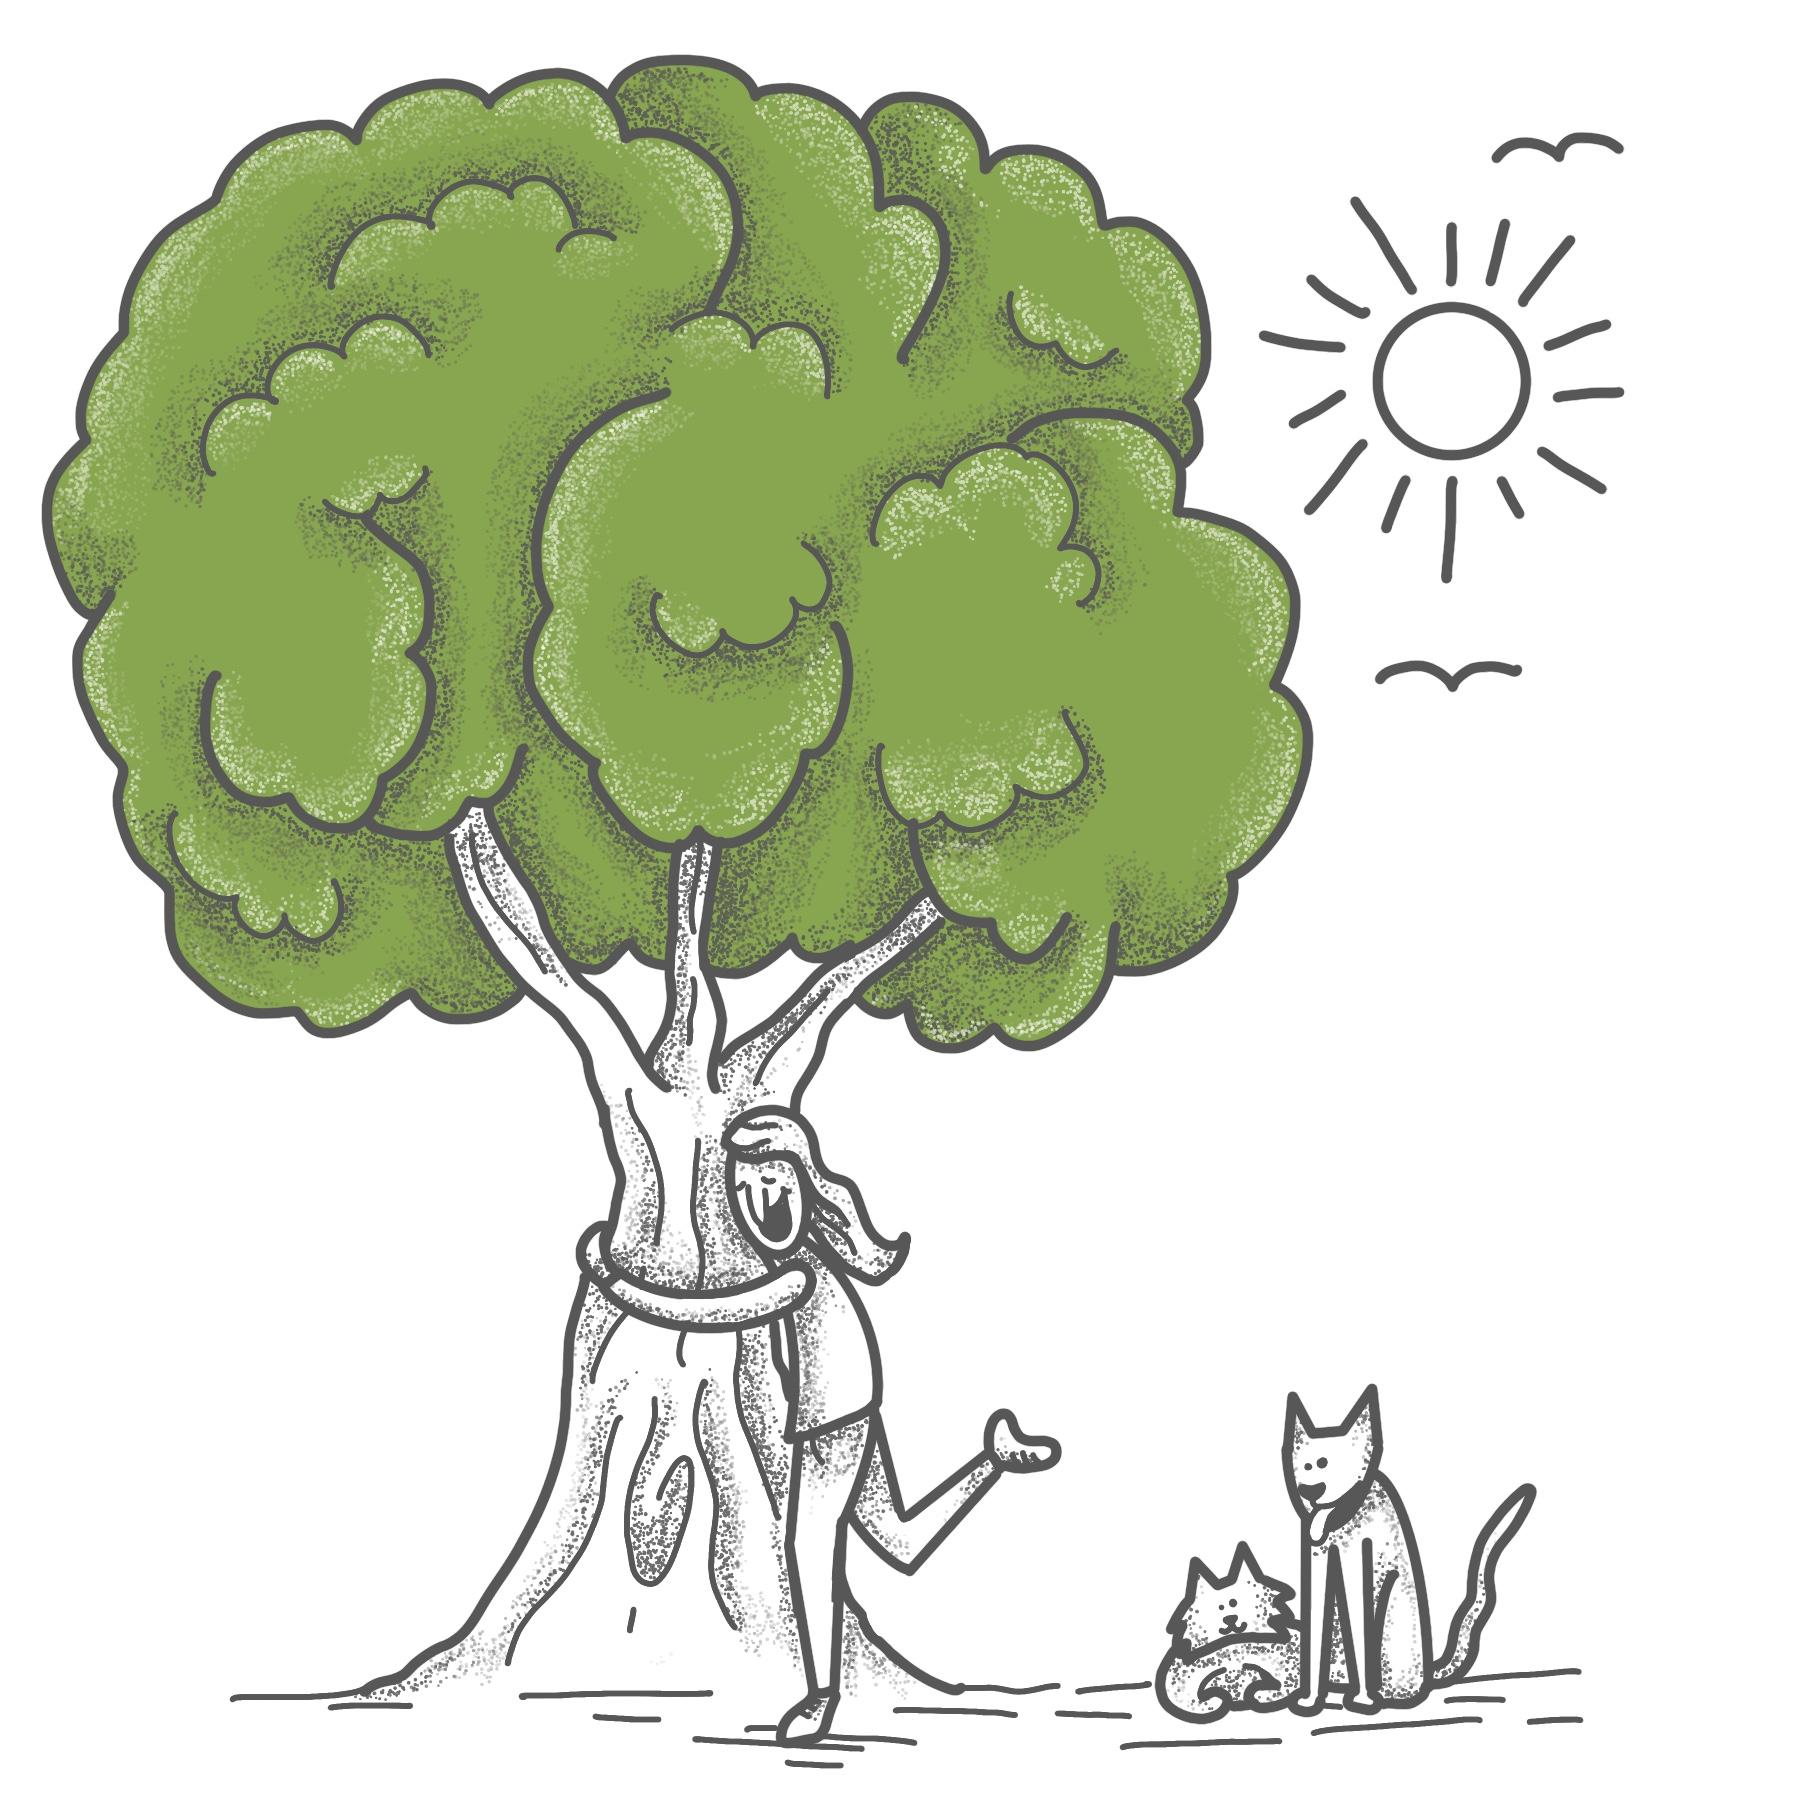 - L'arbre peut dès lors grandir et se développer en autonomie.